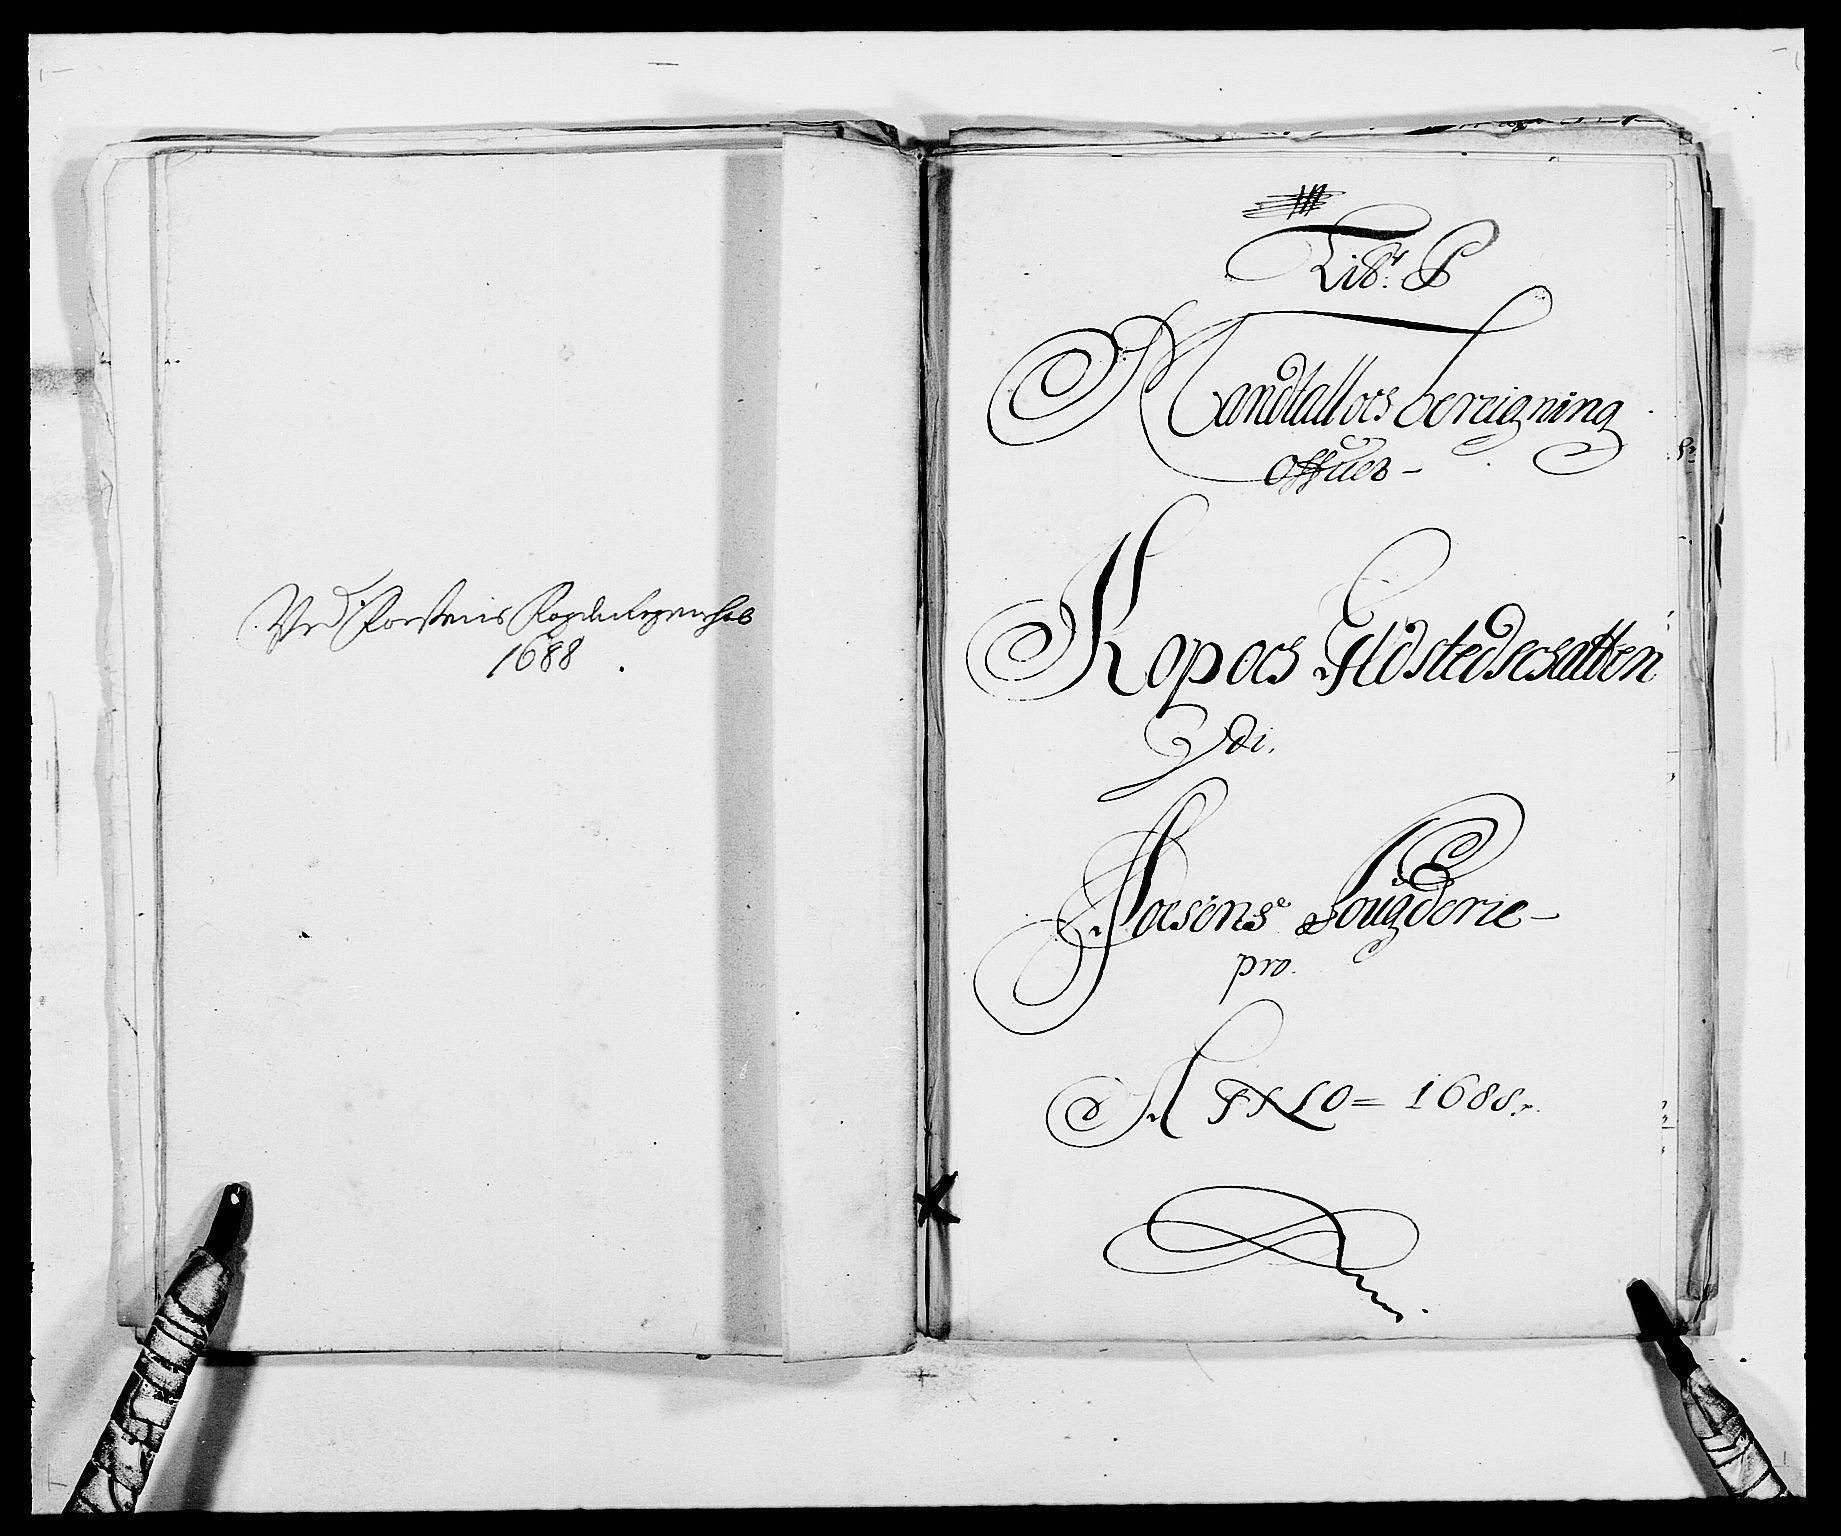 RA, Rentekammeret inntil 1814, Reviderte regnskaper, Fogderegnskap, R57/L3846: Fogderegnskap Fosen, 1688, s. 173